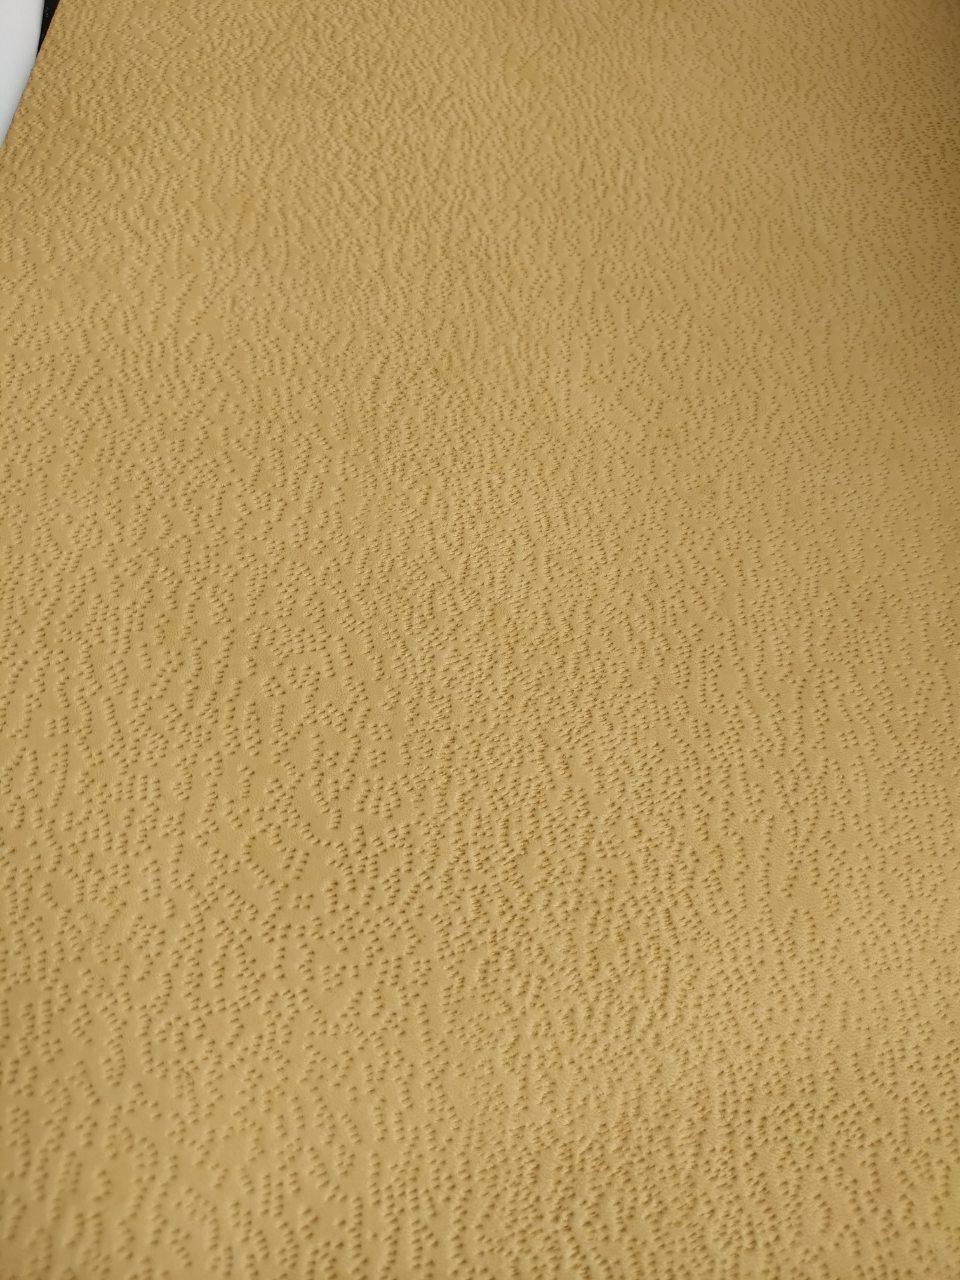 Овечья кожа растительного дубления Pecarry p2, фото 1